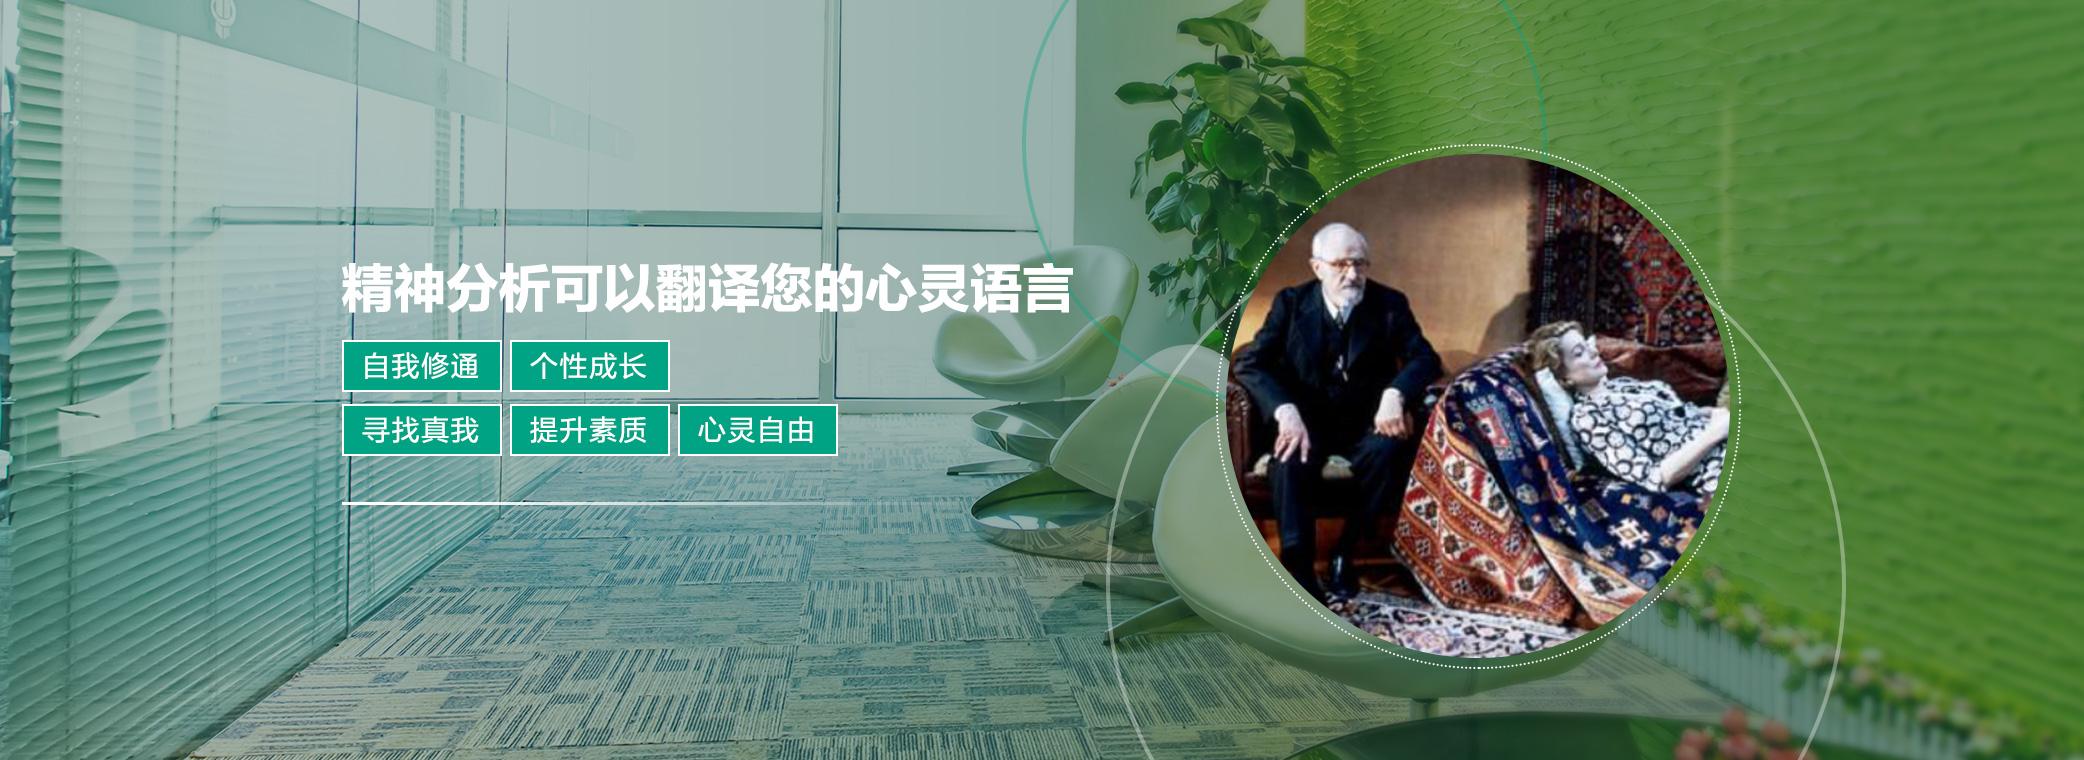 南宁青少年心理医生-找育和心理工作室